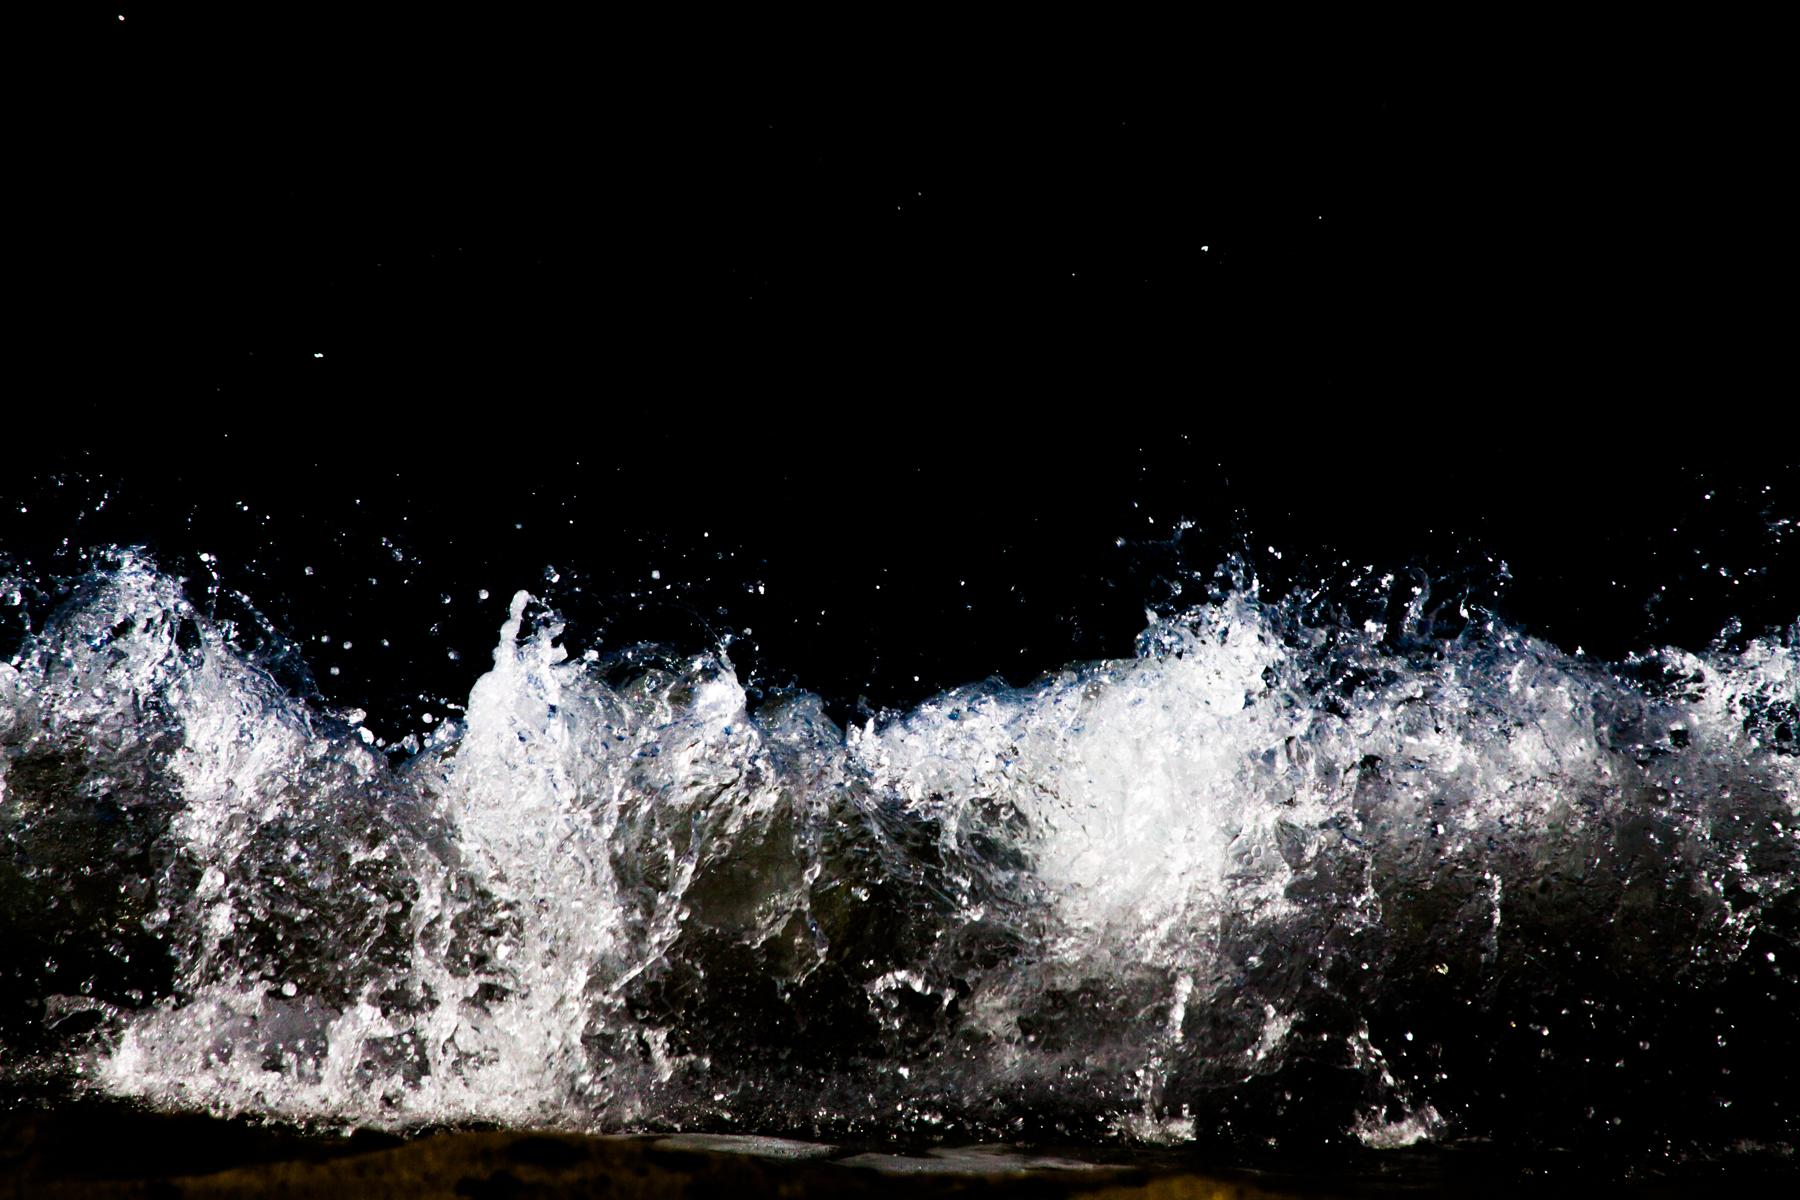 Anastasia_Kioulafa_Waves_Untitled-2.jpg